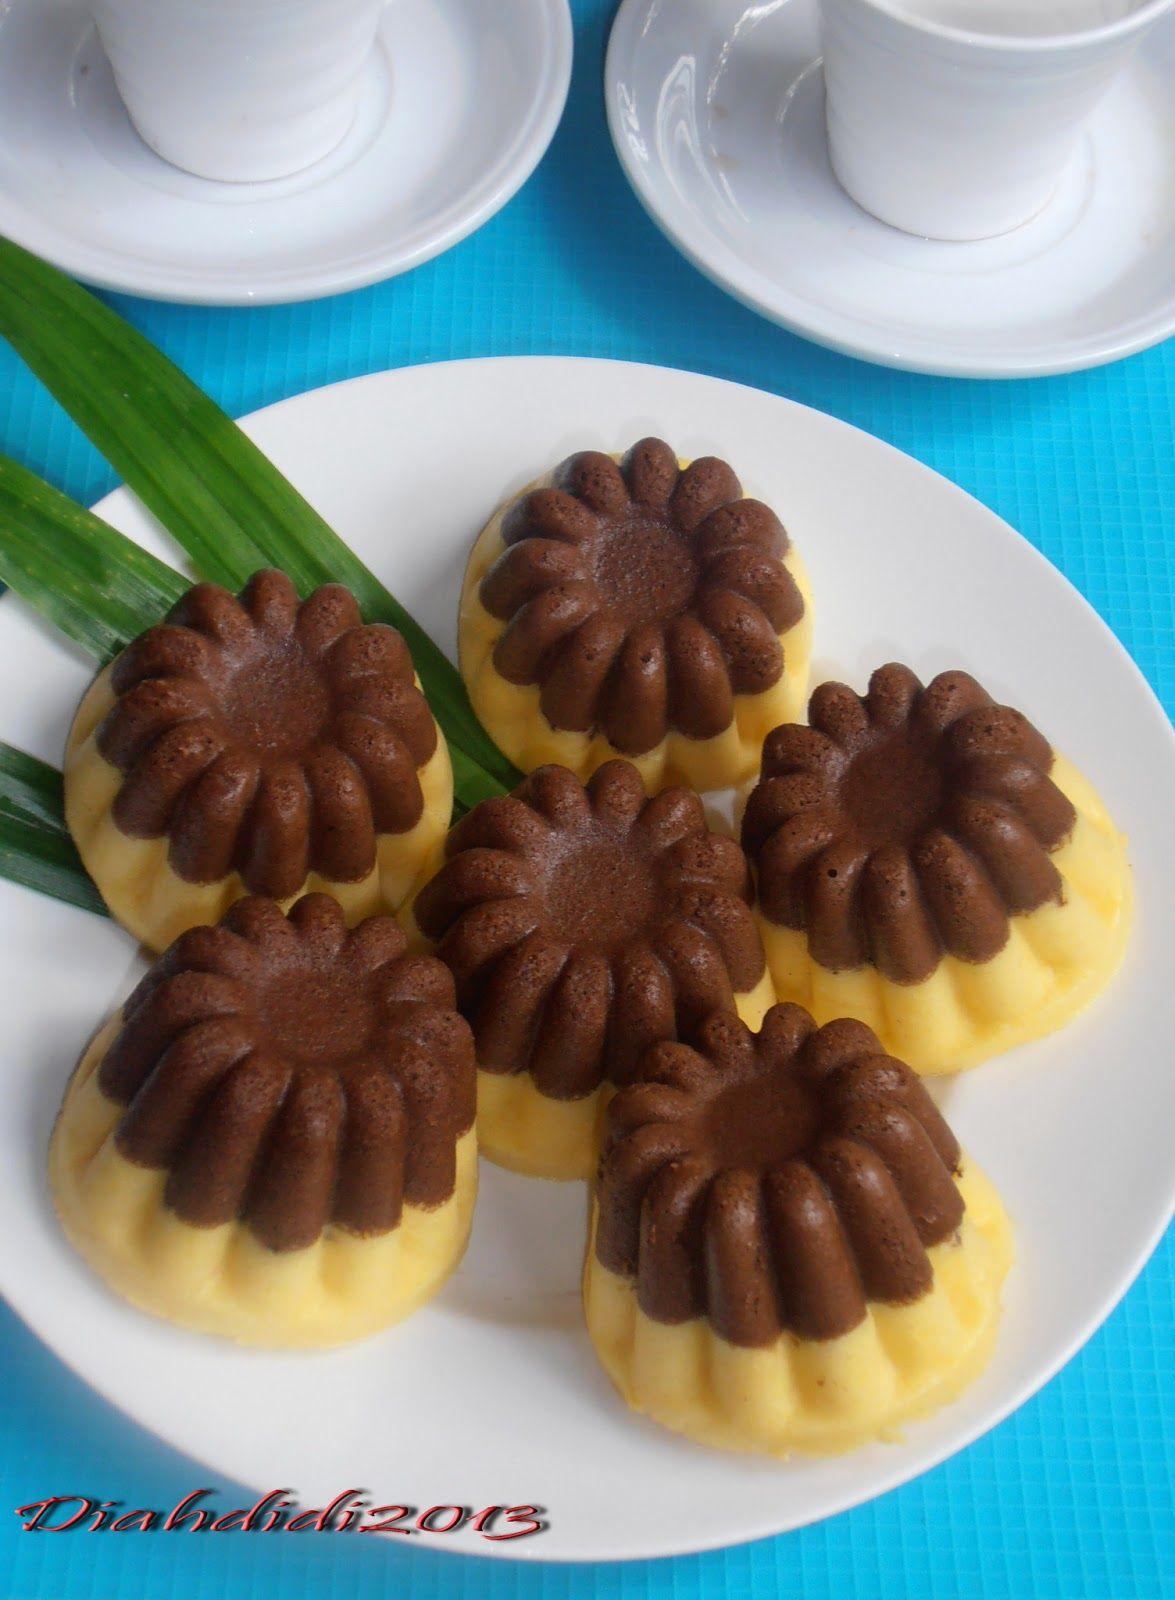 Diah Didis Kitchen Cake Kukus Labu Kuning Lapis Coklat Garden In